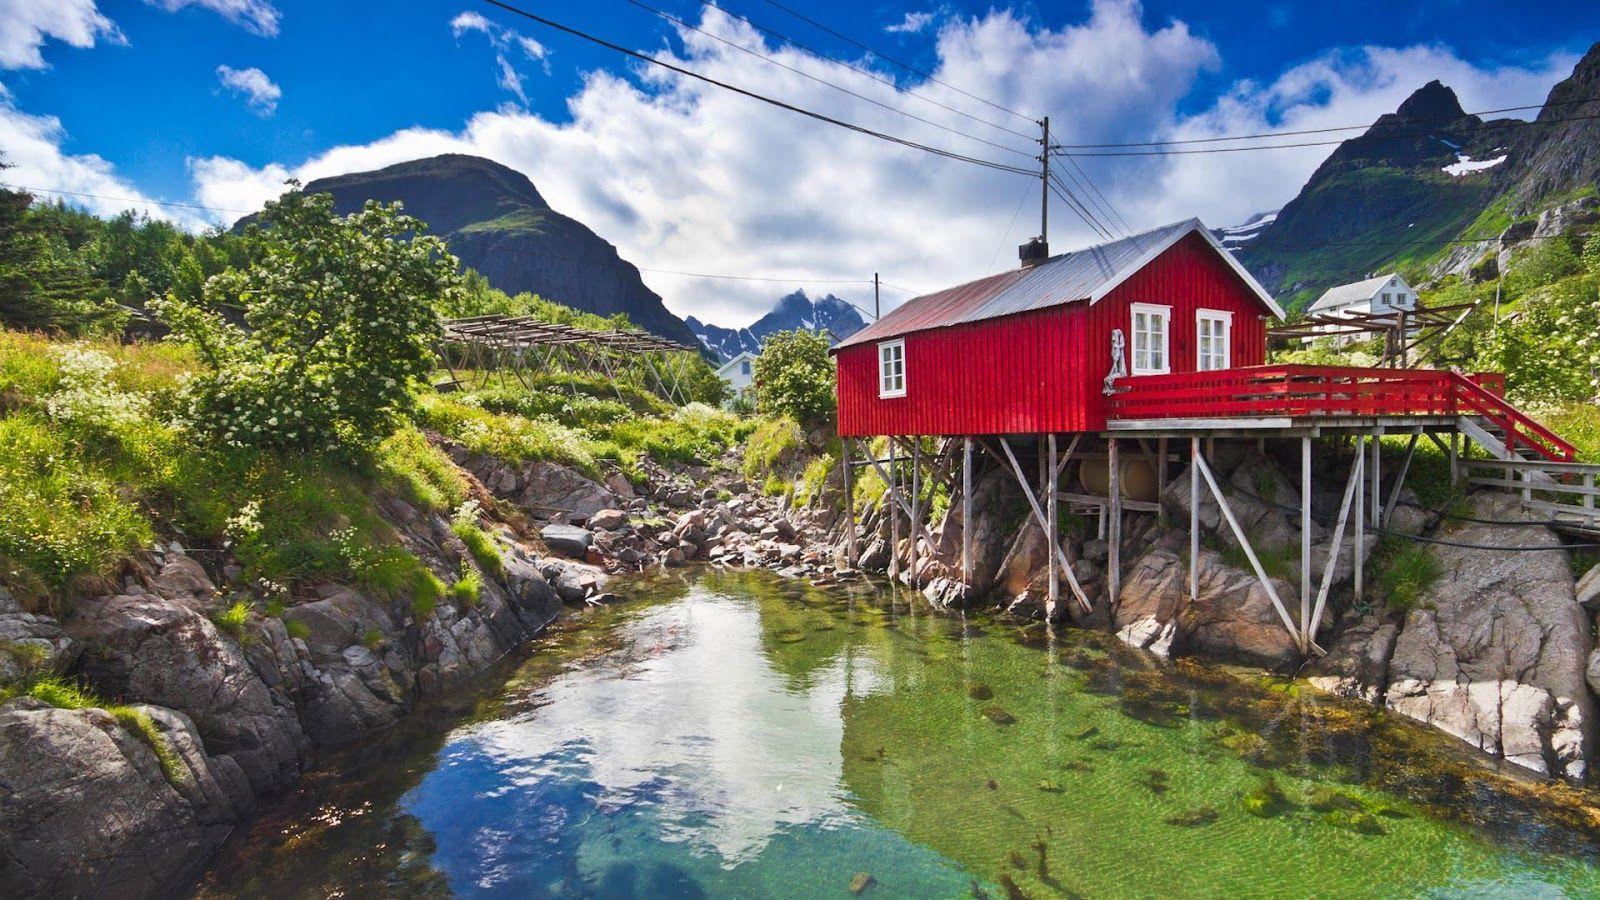 Norway Wallpaper 1920x1080